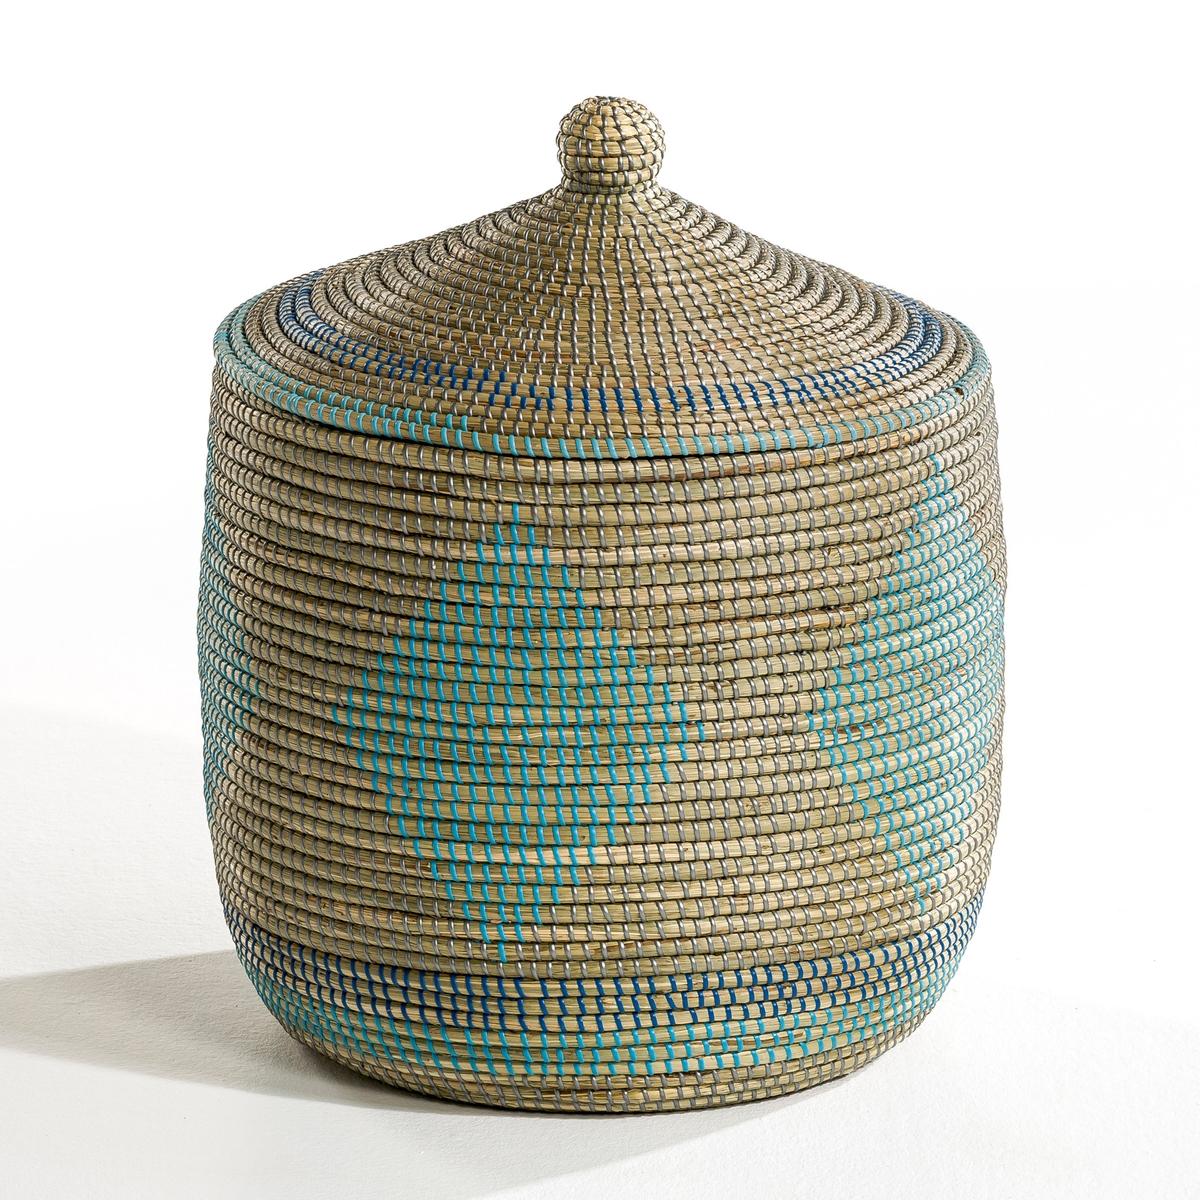 Плетеная корзина Justus большого размера